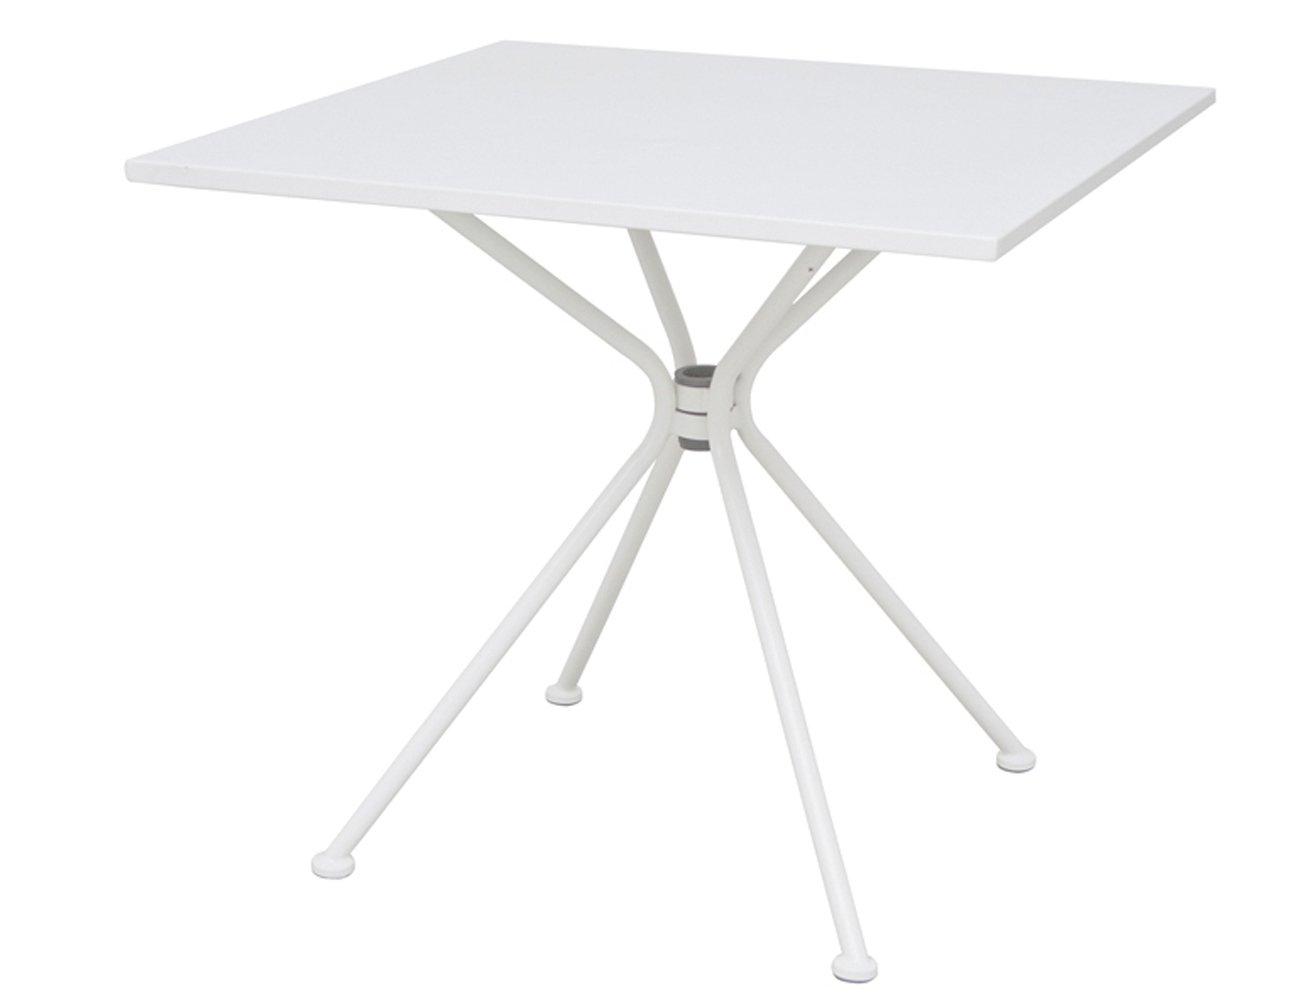 Siena Garden 800702 Tisch Belo, Stahlgestell matt weiß, 80 x 80 x 72 cm bestellen